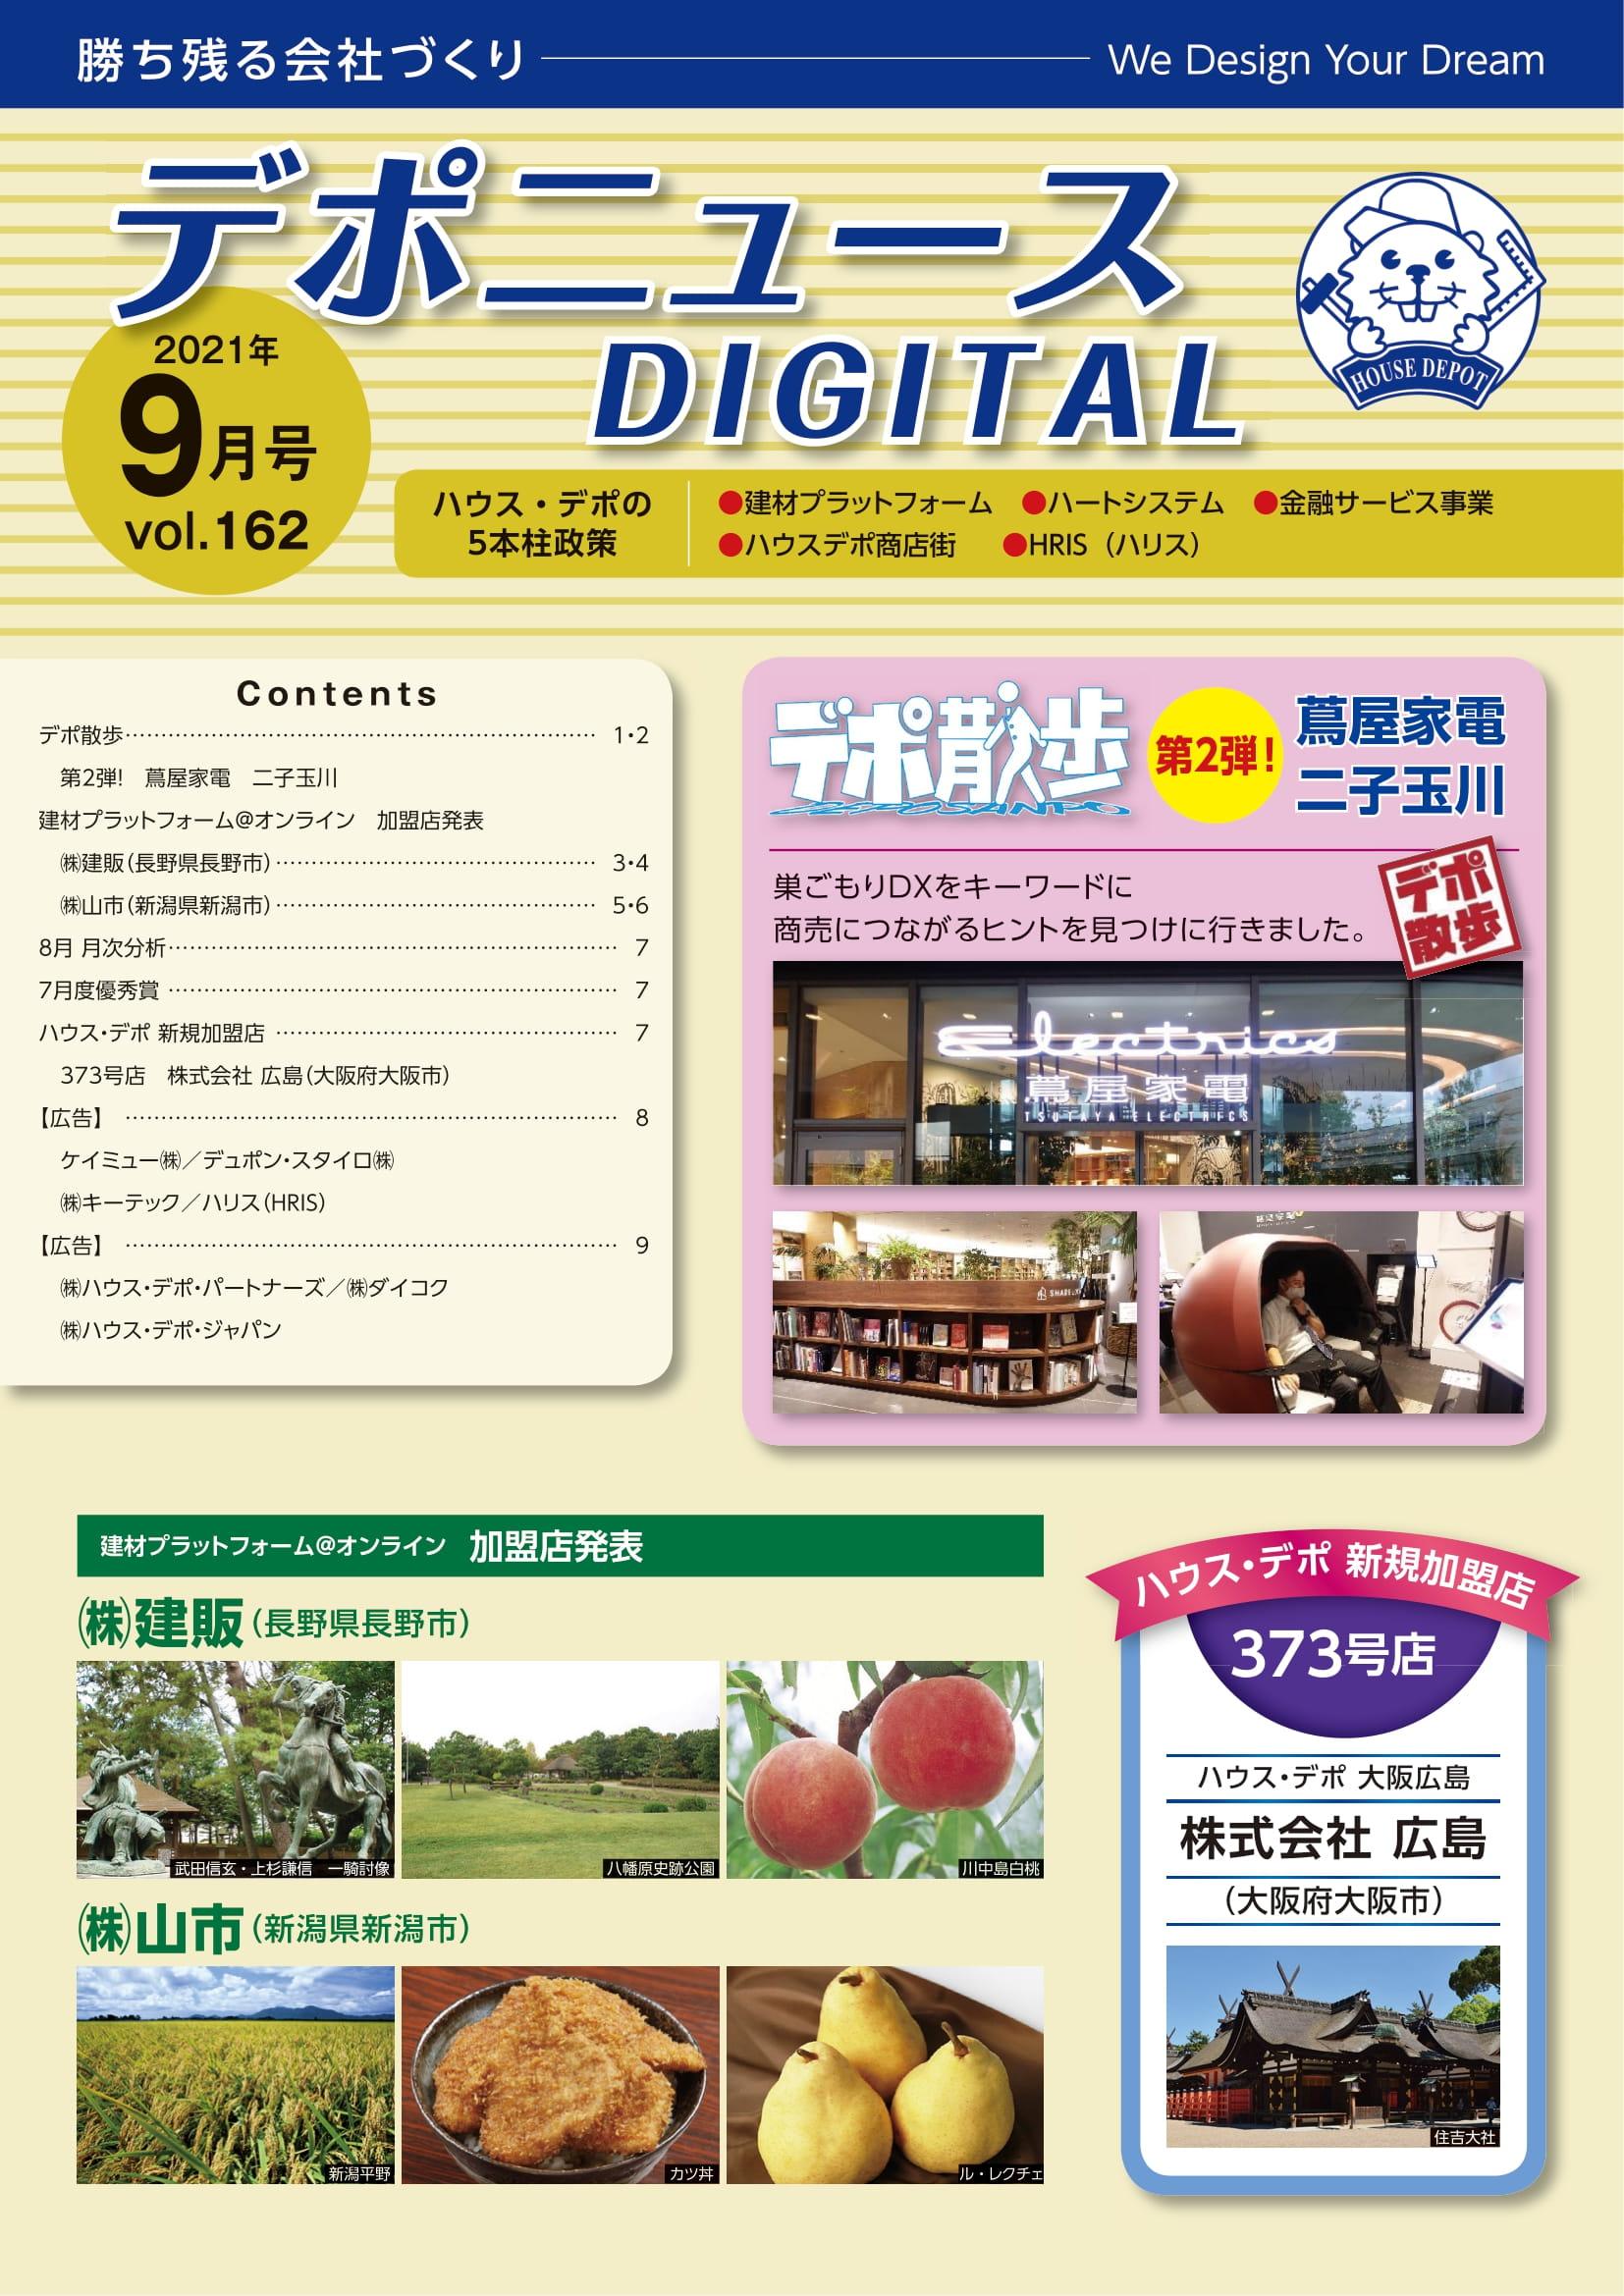 デポニュースDIGITAL Vol.162